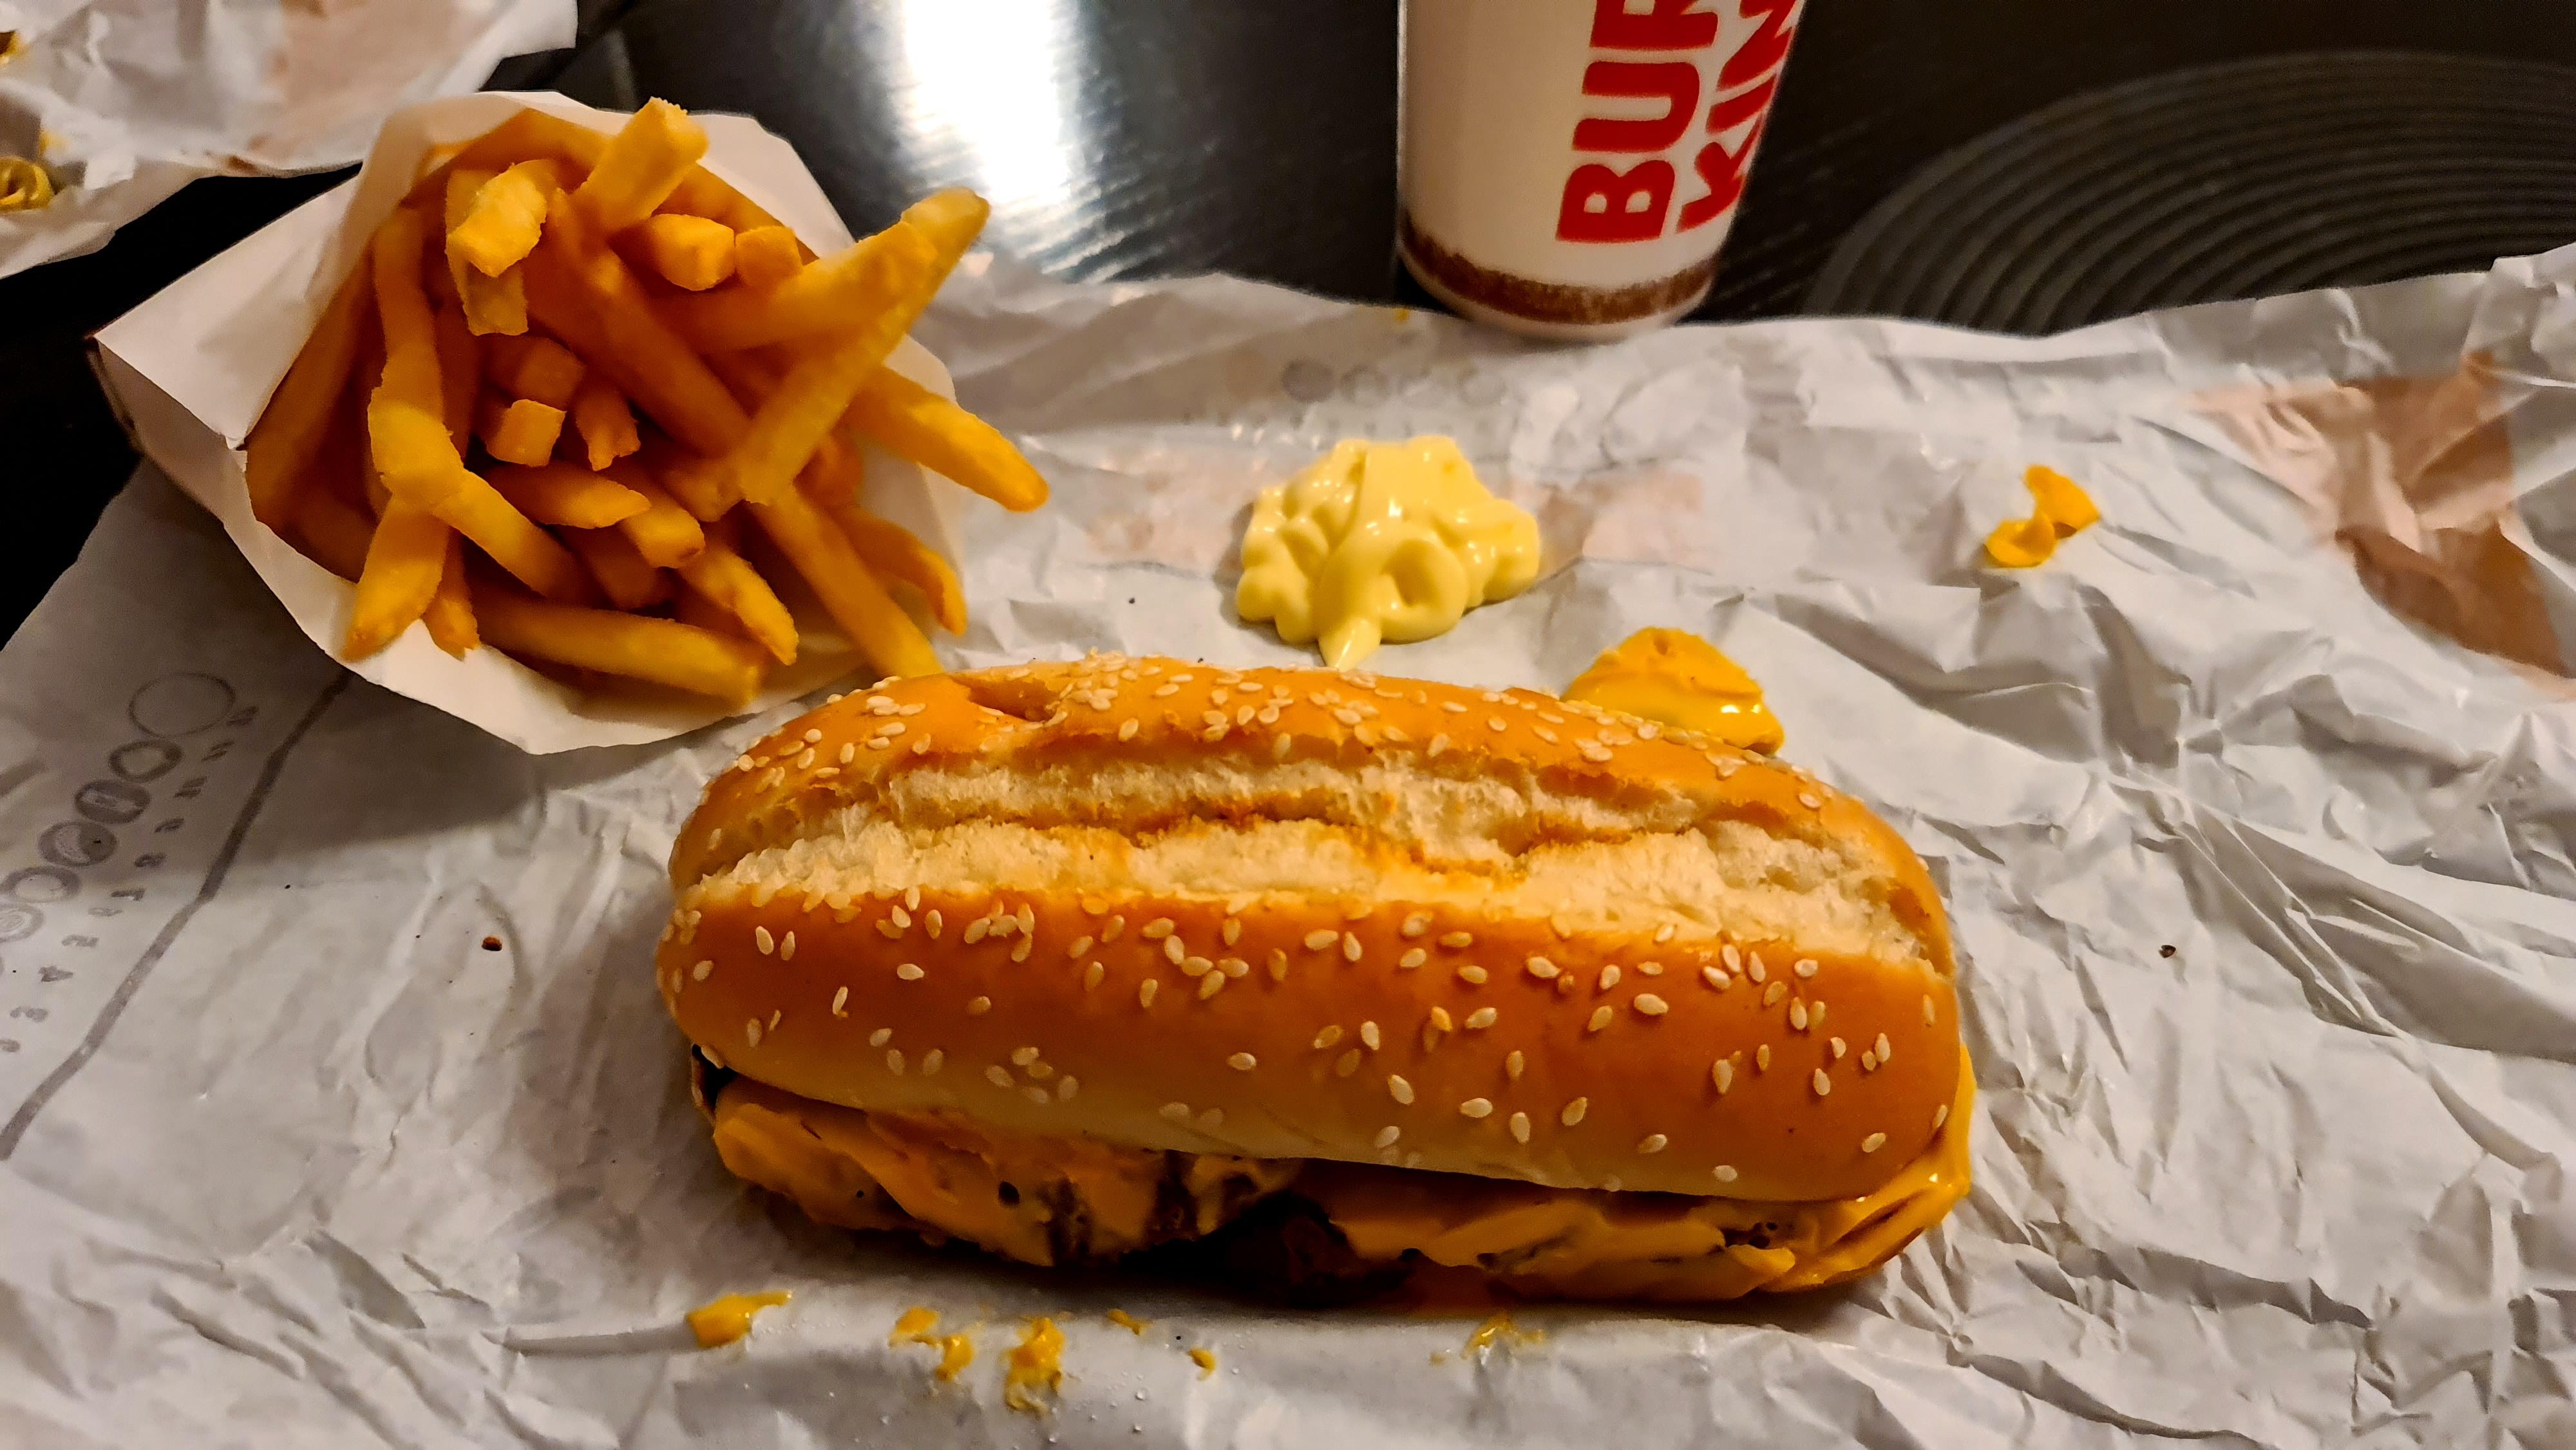 https://foodloader.net/Holz_2020-11-12_Burger_King.jpg